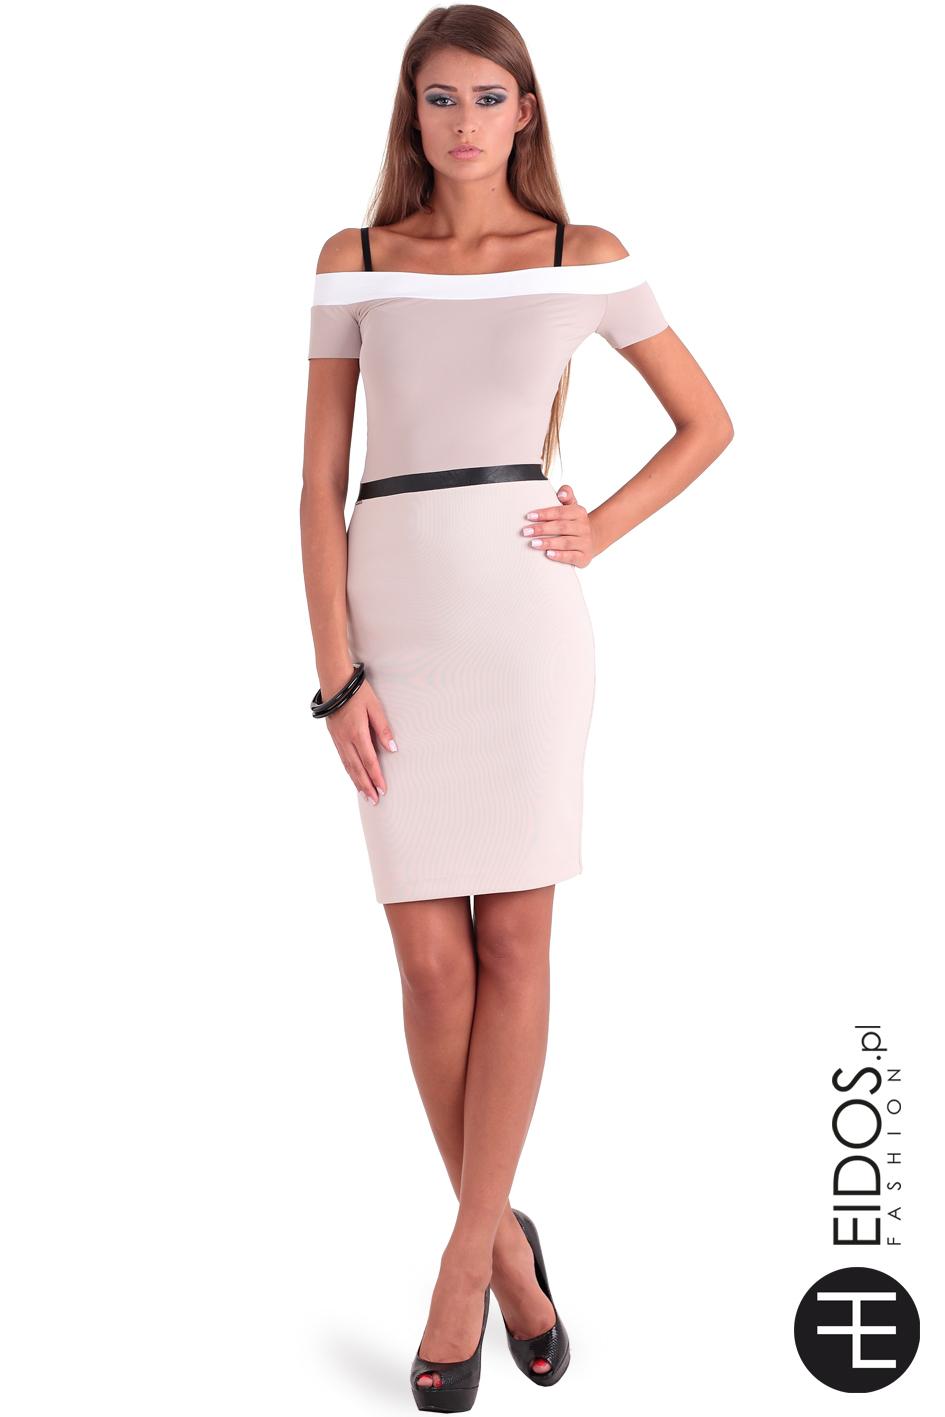 013205769a EIDOS.pl - moda dla kobiet w każdym wieku - SUKIENKI KOMBINEZONY BLUZKI